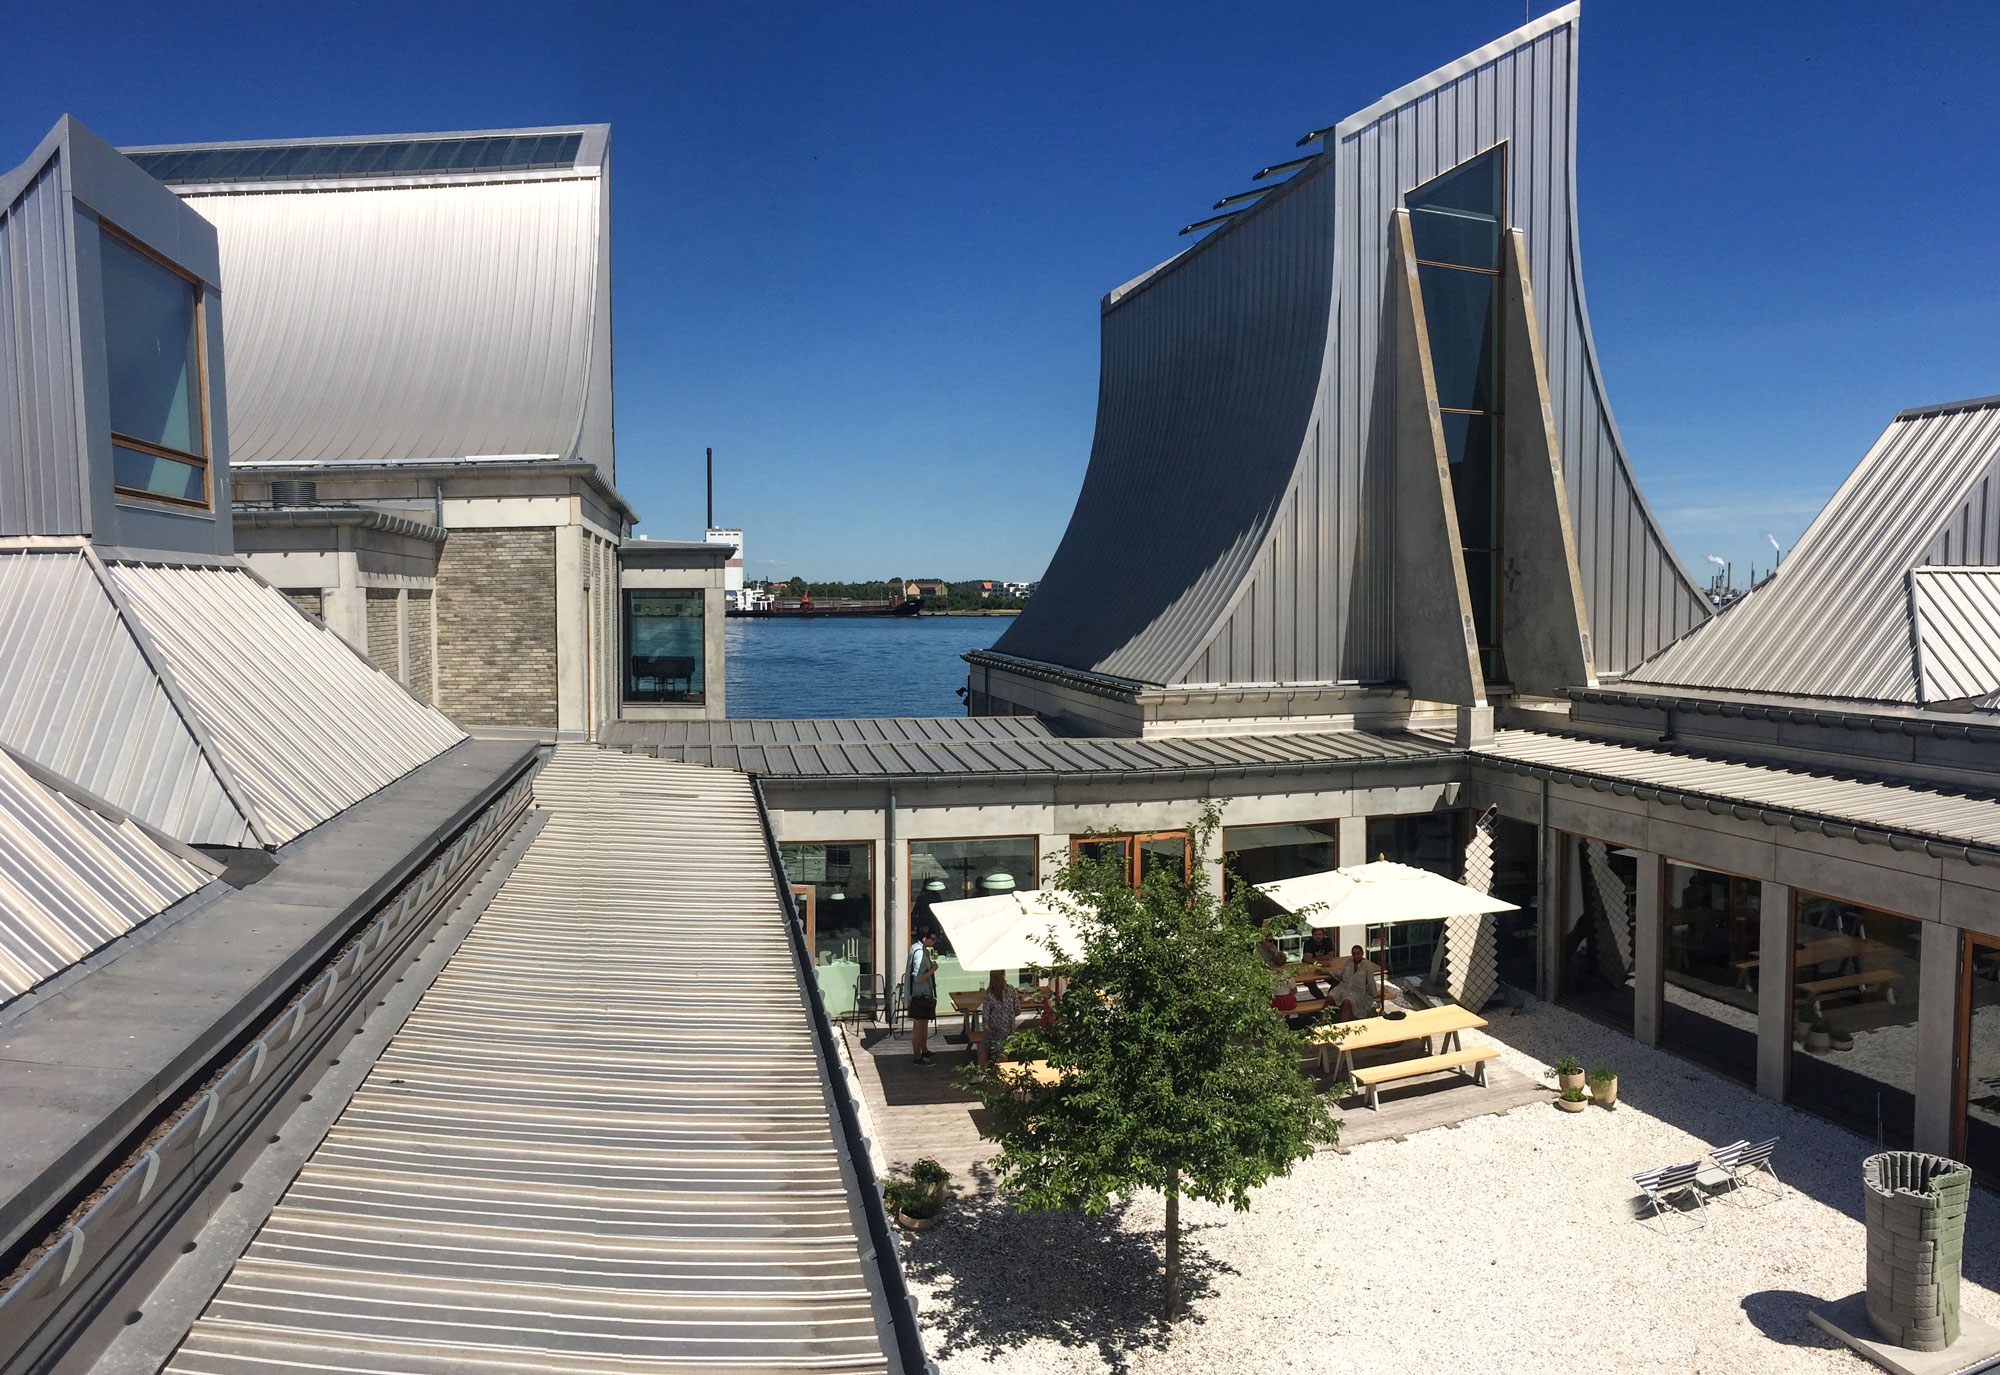 Stor anerkendelse fra NY Times: Aalborg i top 10 over steder man skal besøge i 2019